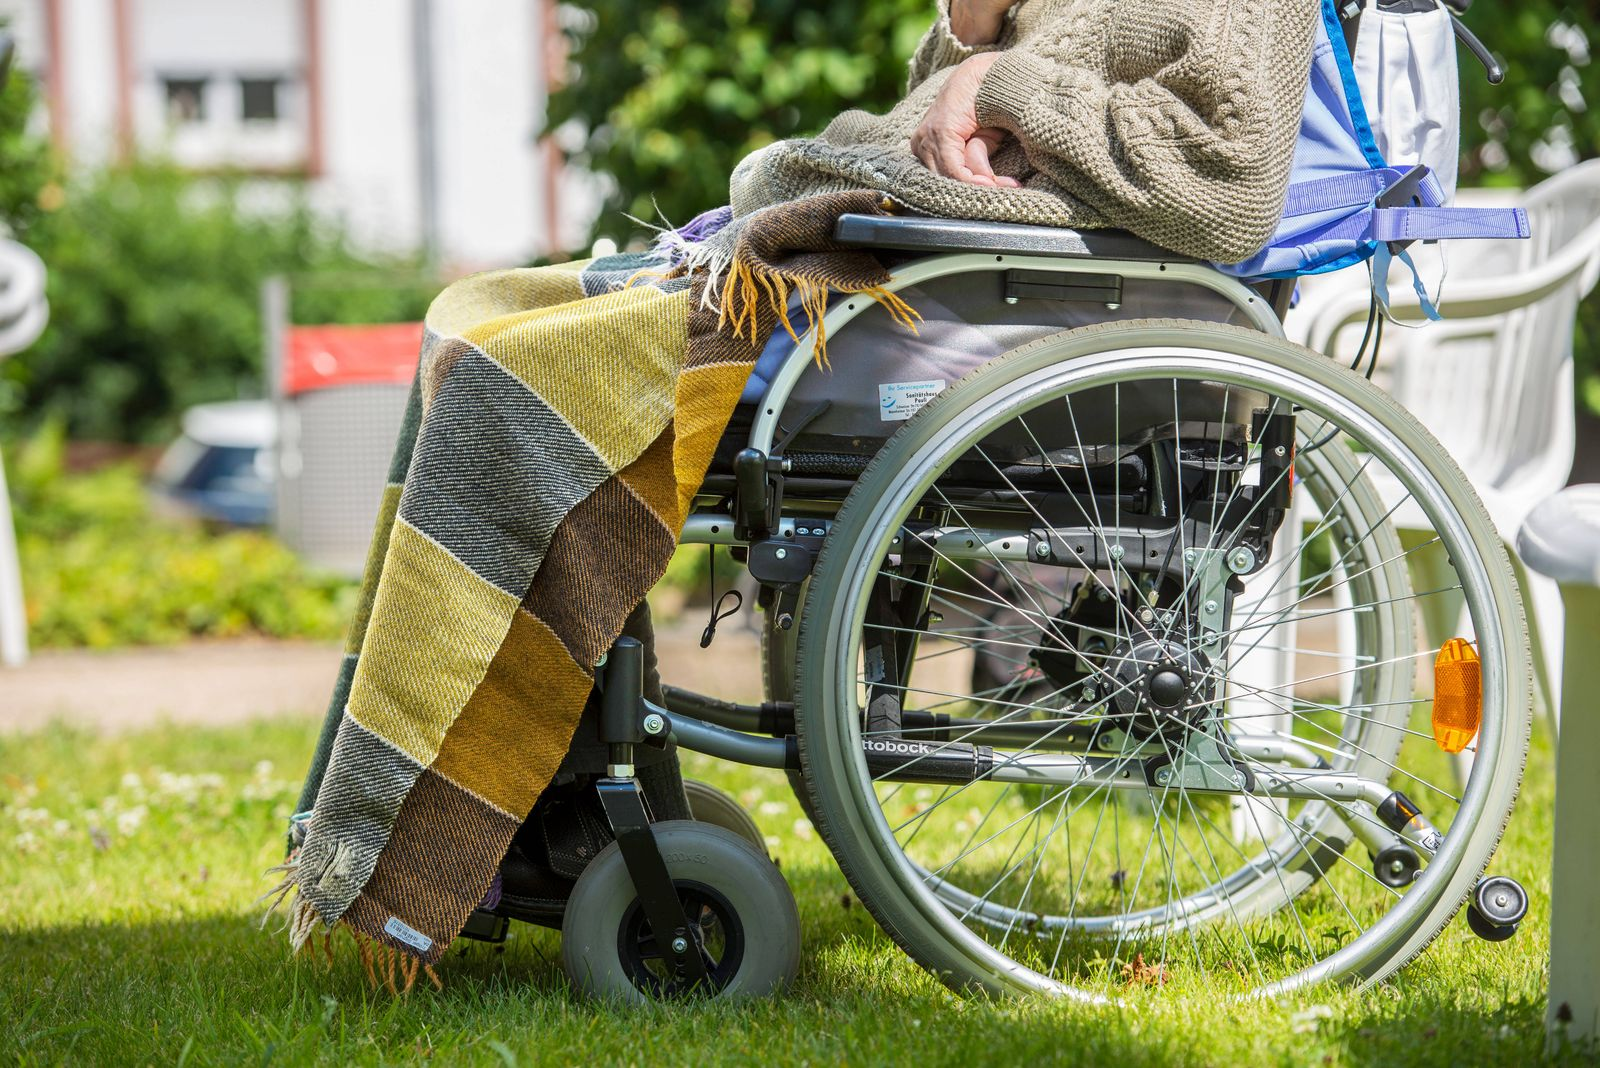 Aelterer Mann im Rollstuhl im Garten eines Pflegeheims in Bad Homburg (Foto vom 02.07.2020) Aelterer Mann im Rollstuhl *